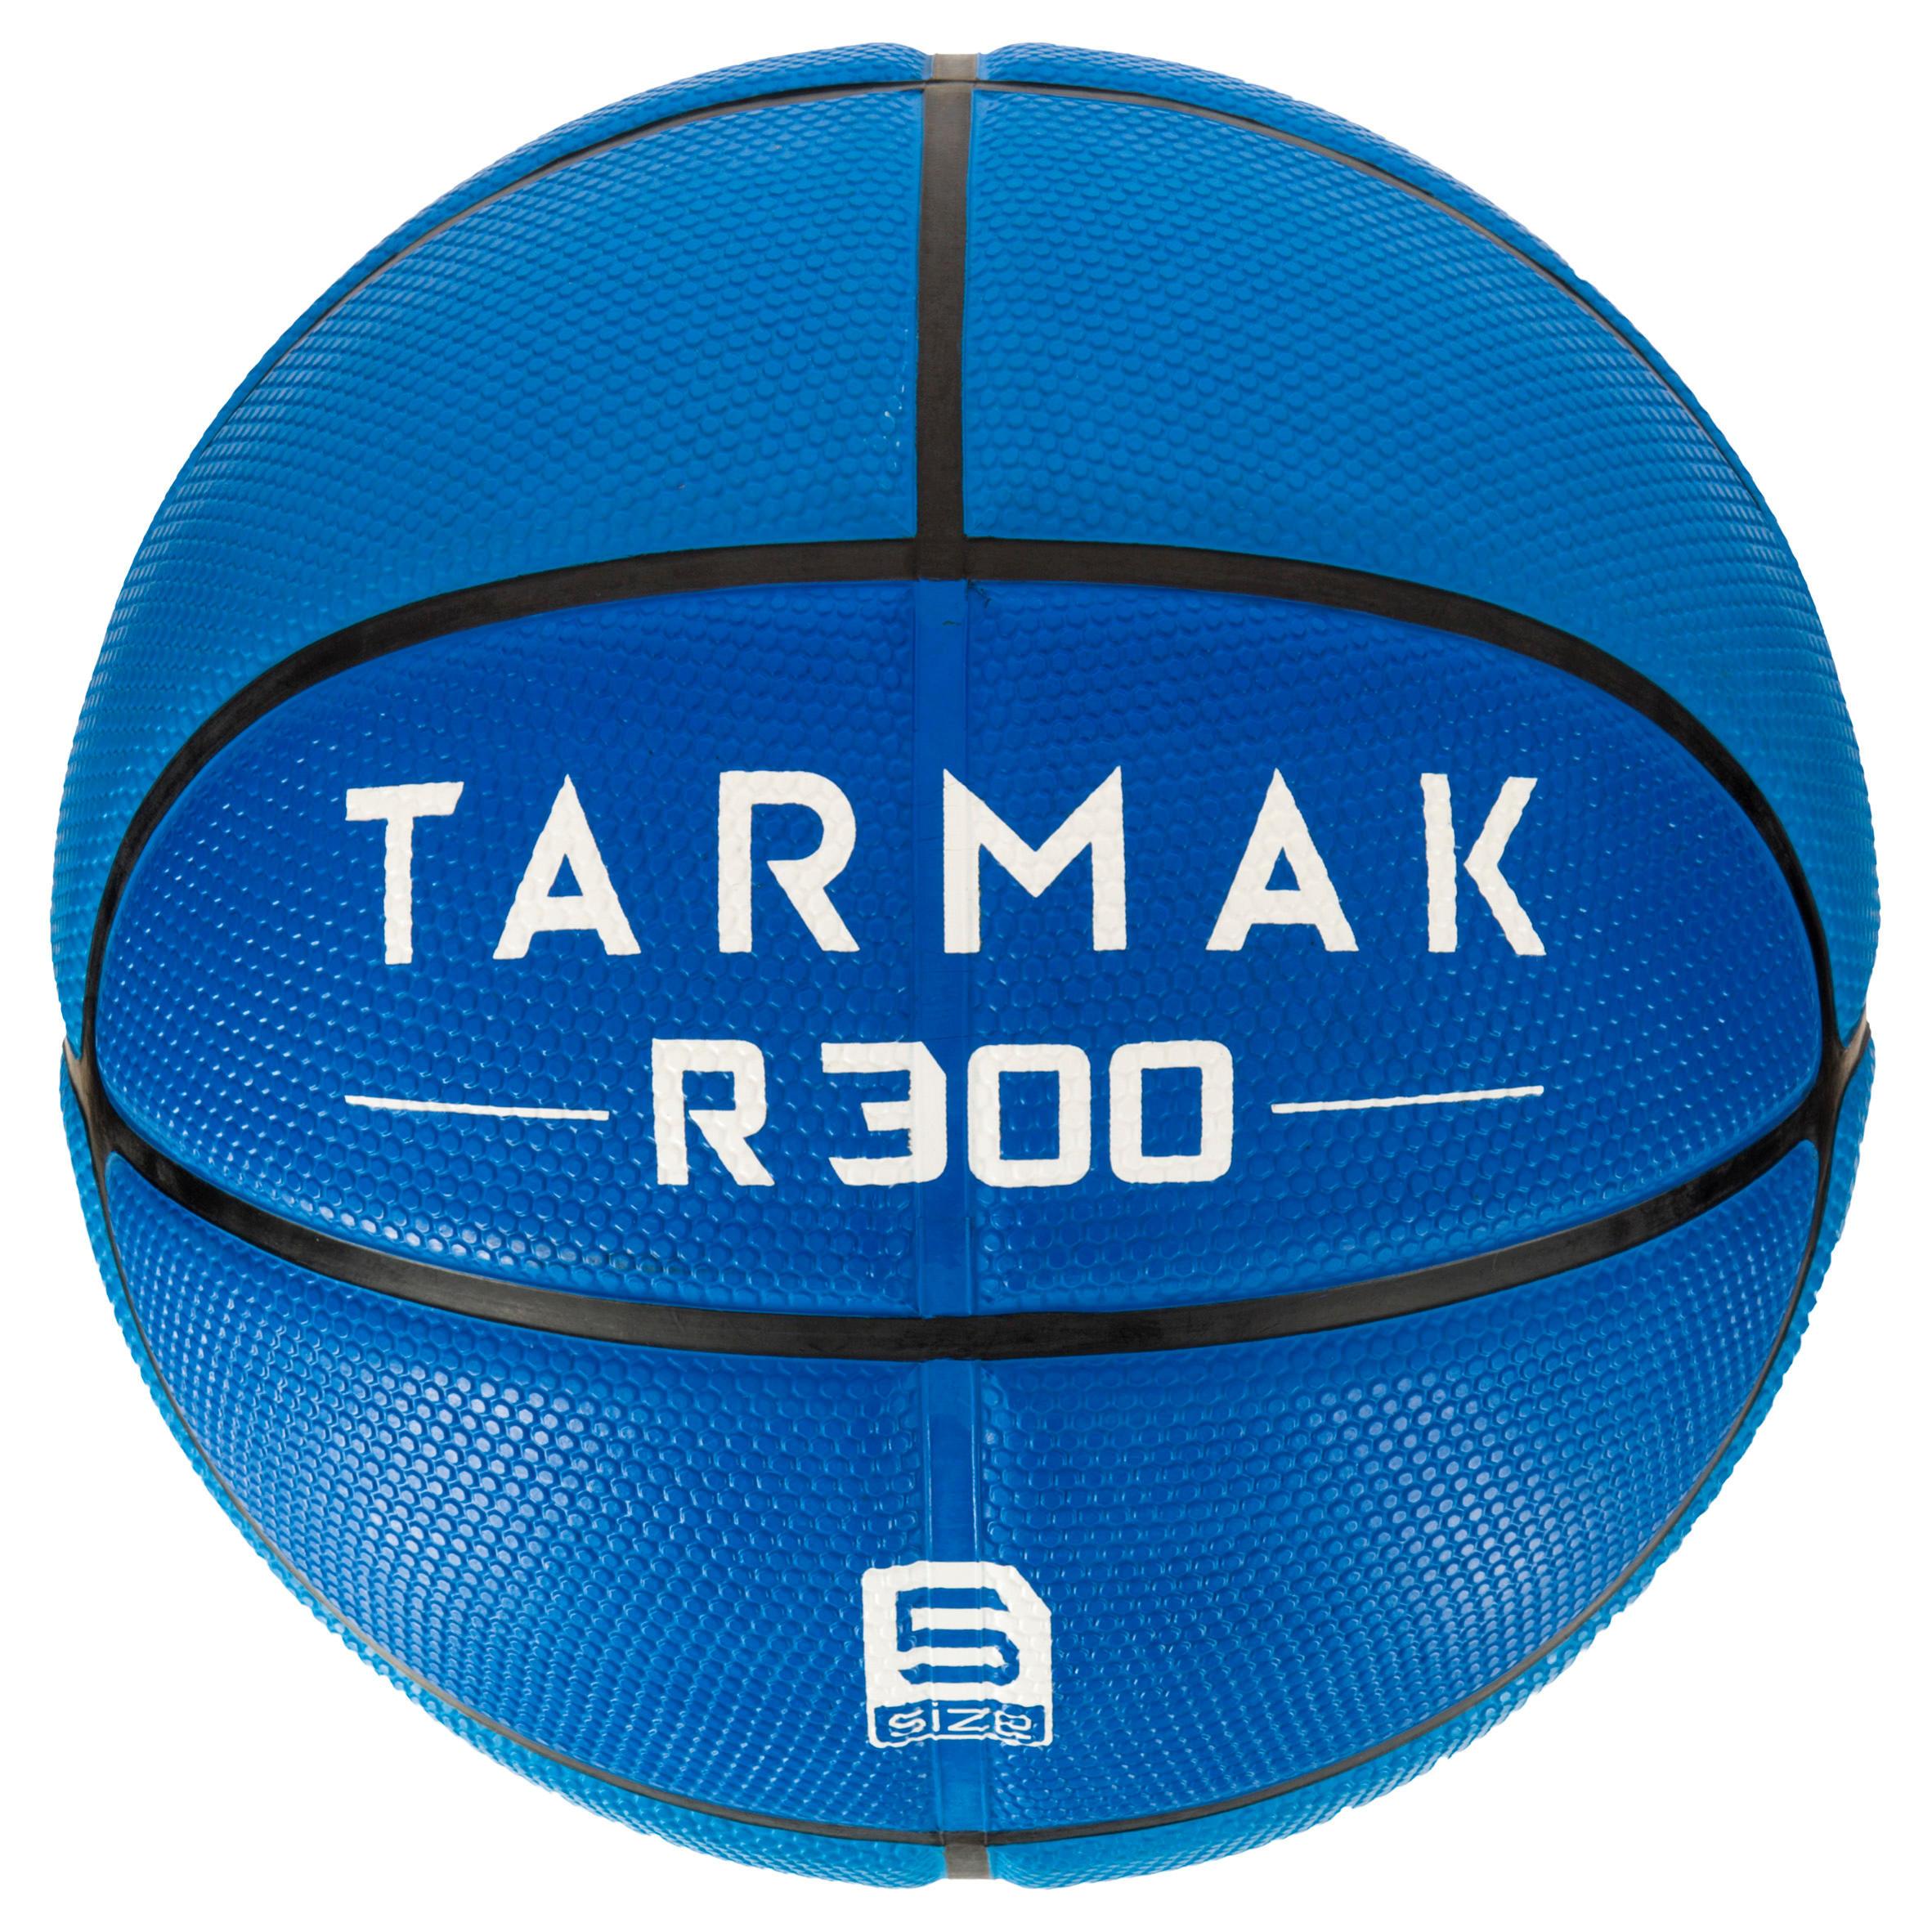 Tarmak Basketbal R300 maat 5 kinderen blauw. Slijtvast. Tot 10 jaar.